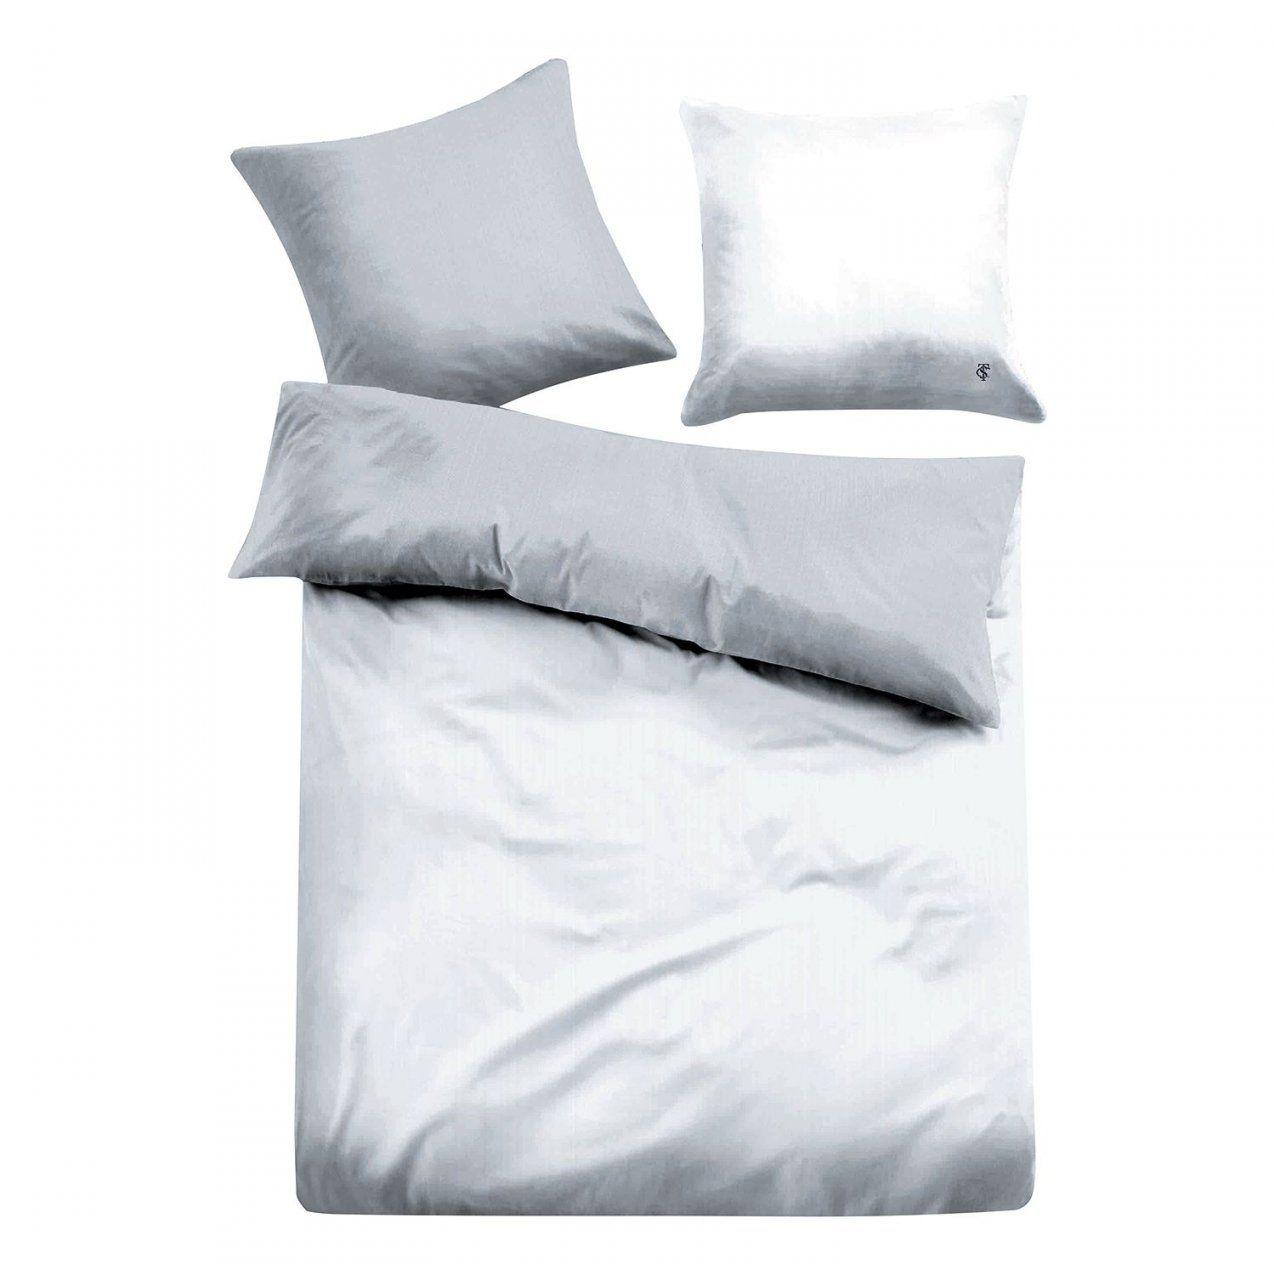 Wunderbar Bettwäsche 155X220 Weiß Satin Bettwaesche Paris Grau Weiss von Bettwäsche 155 X 220 Cm Bild